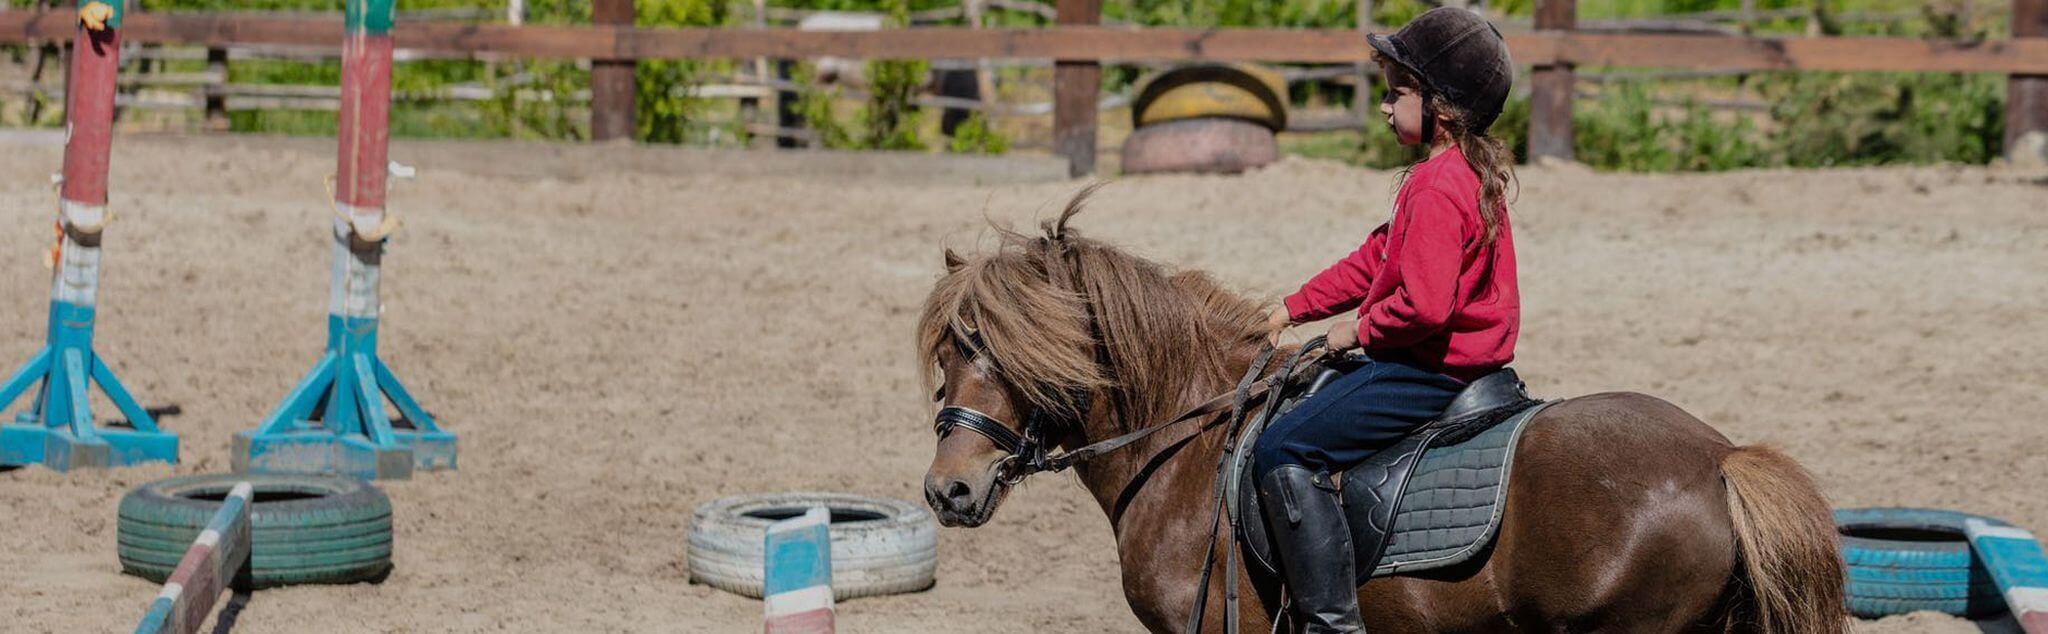 Lezioni di Equitazione a Follonica